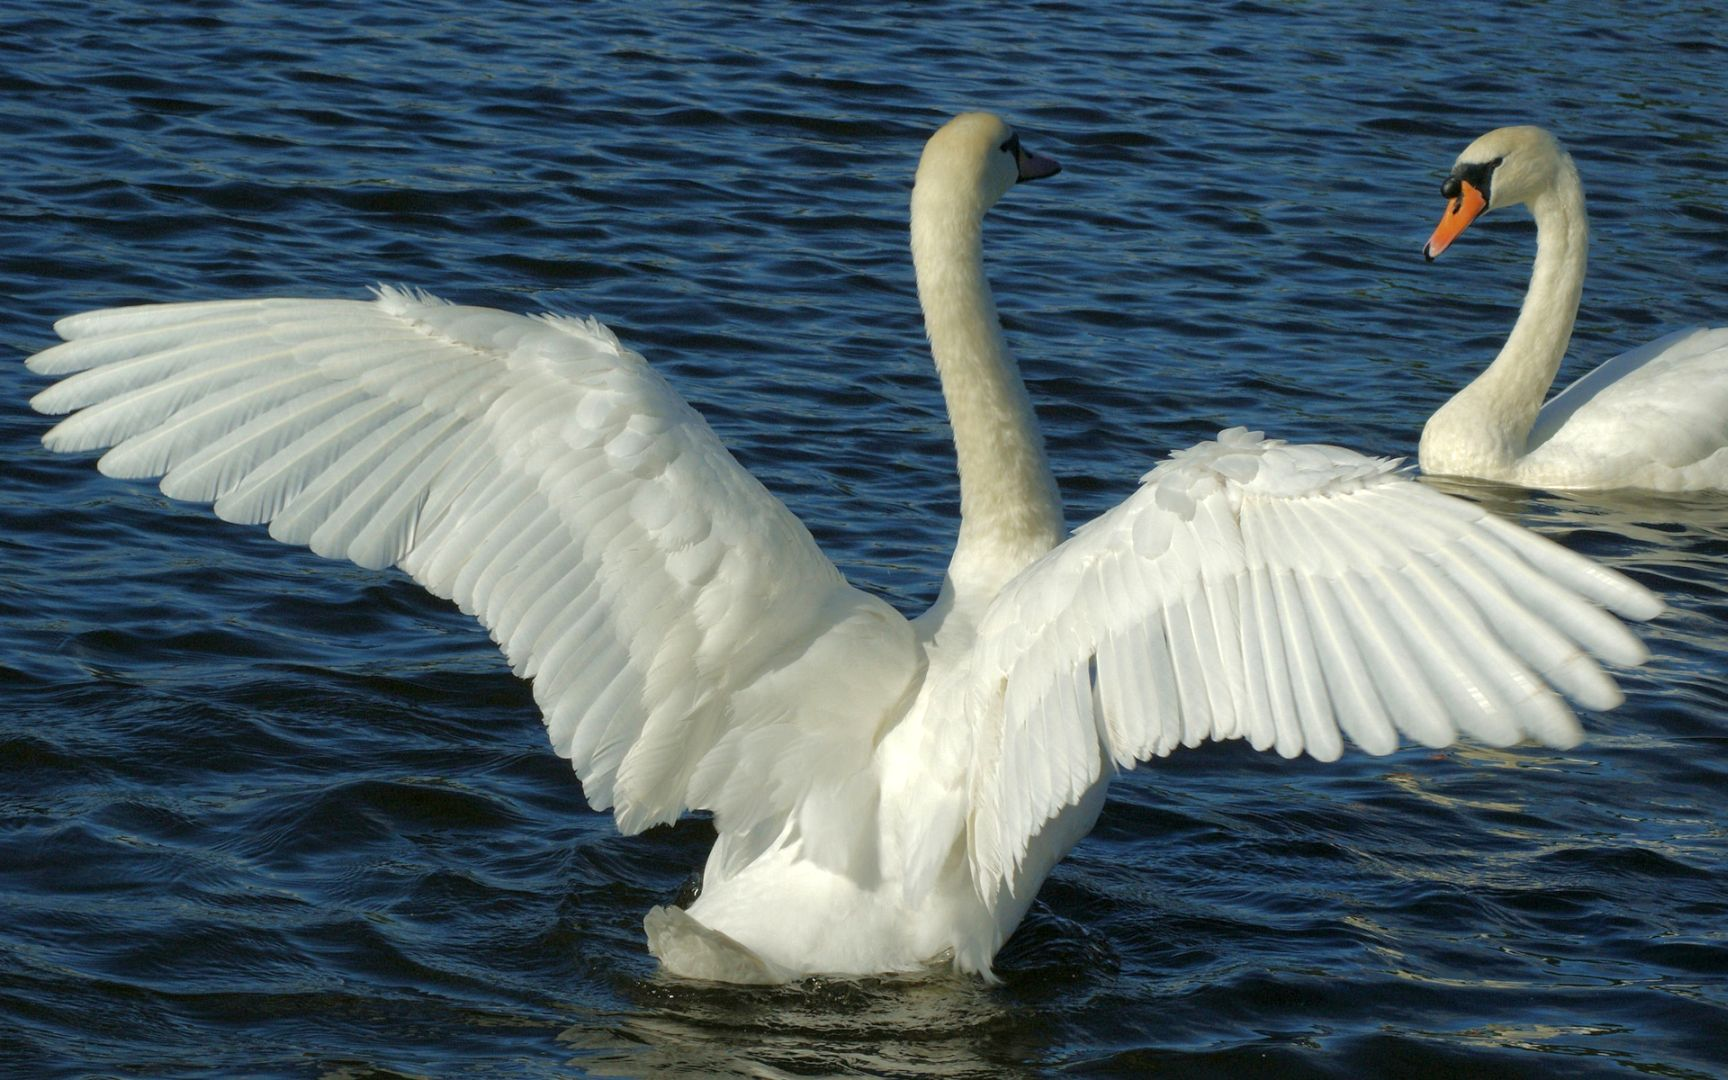 возникнуть картинки необычных лебедей поддерживает различную анимацию